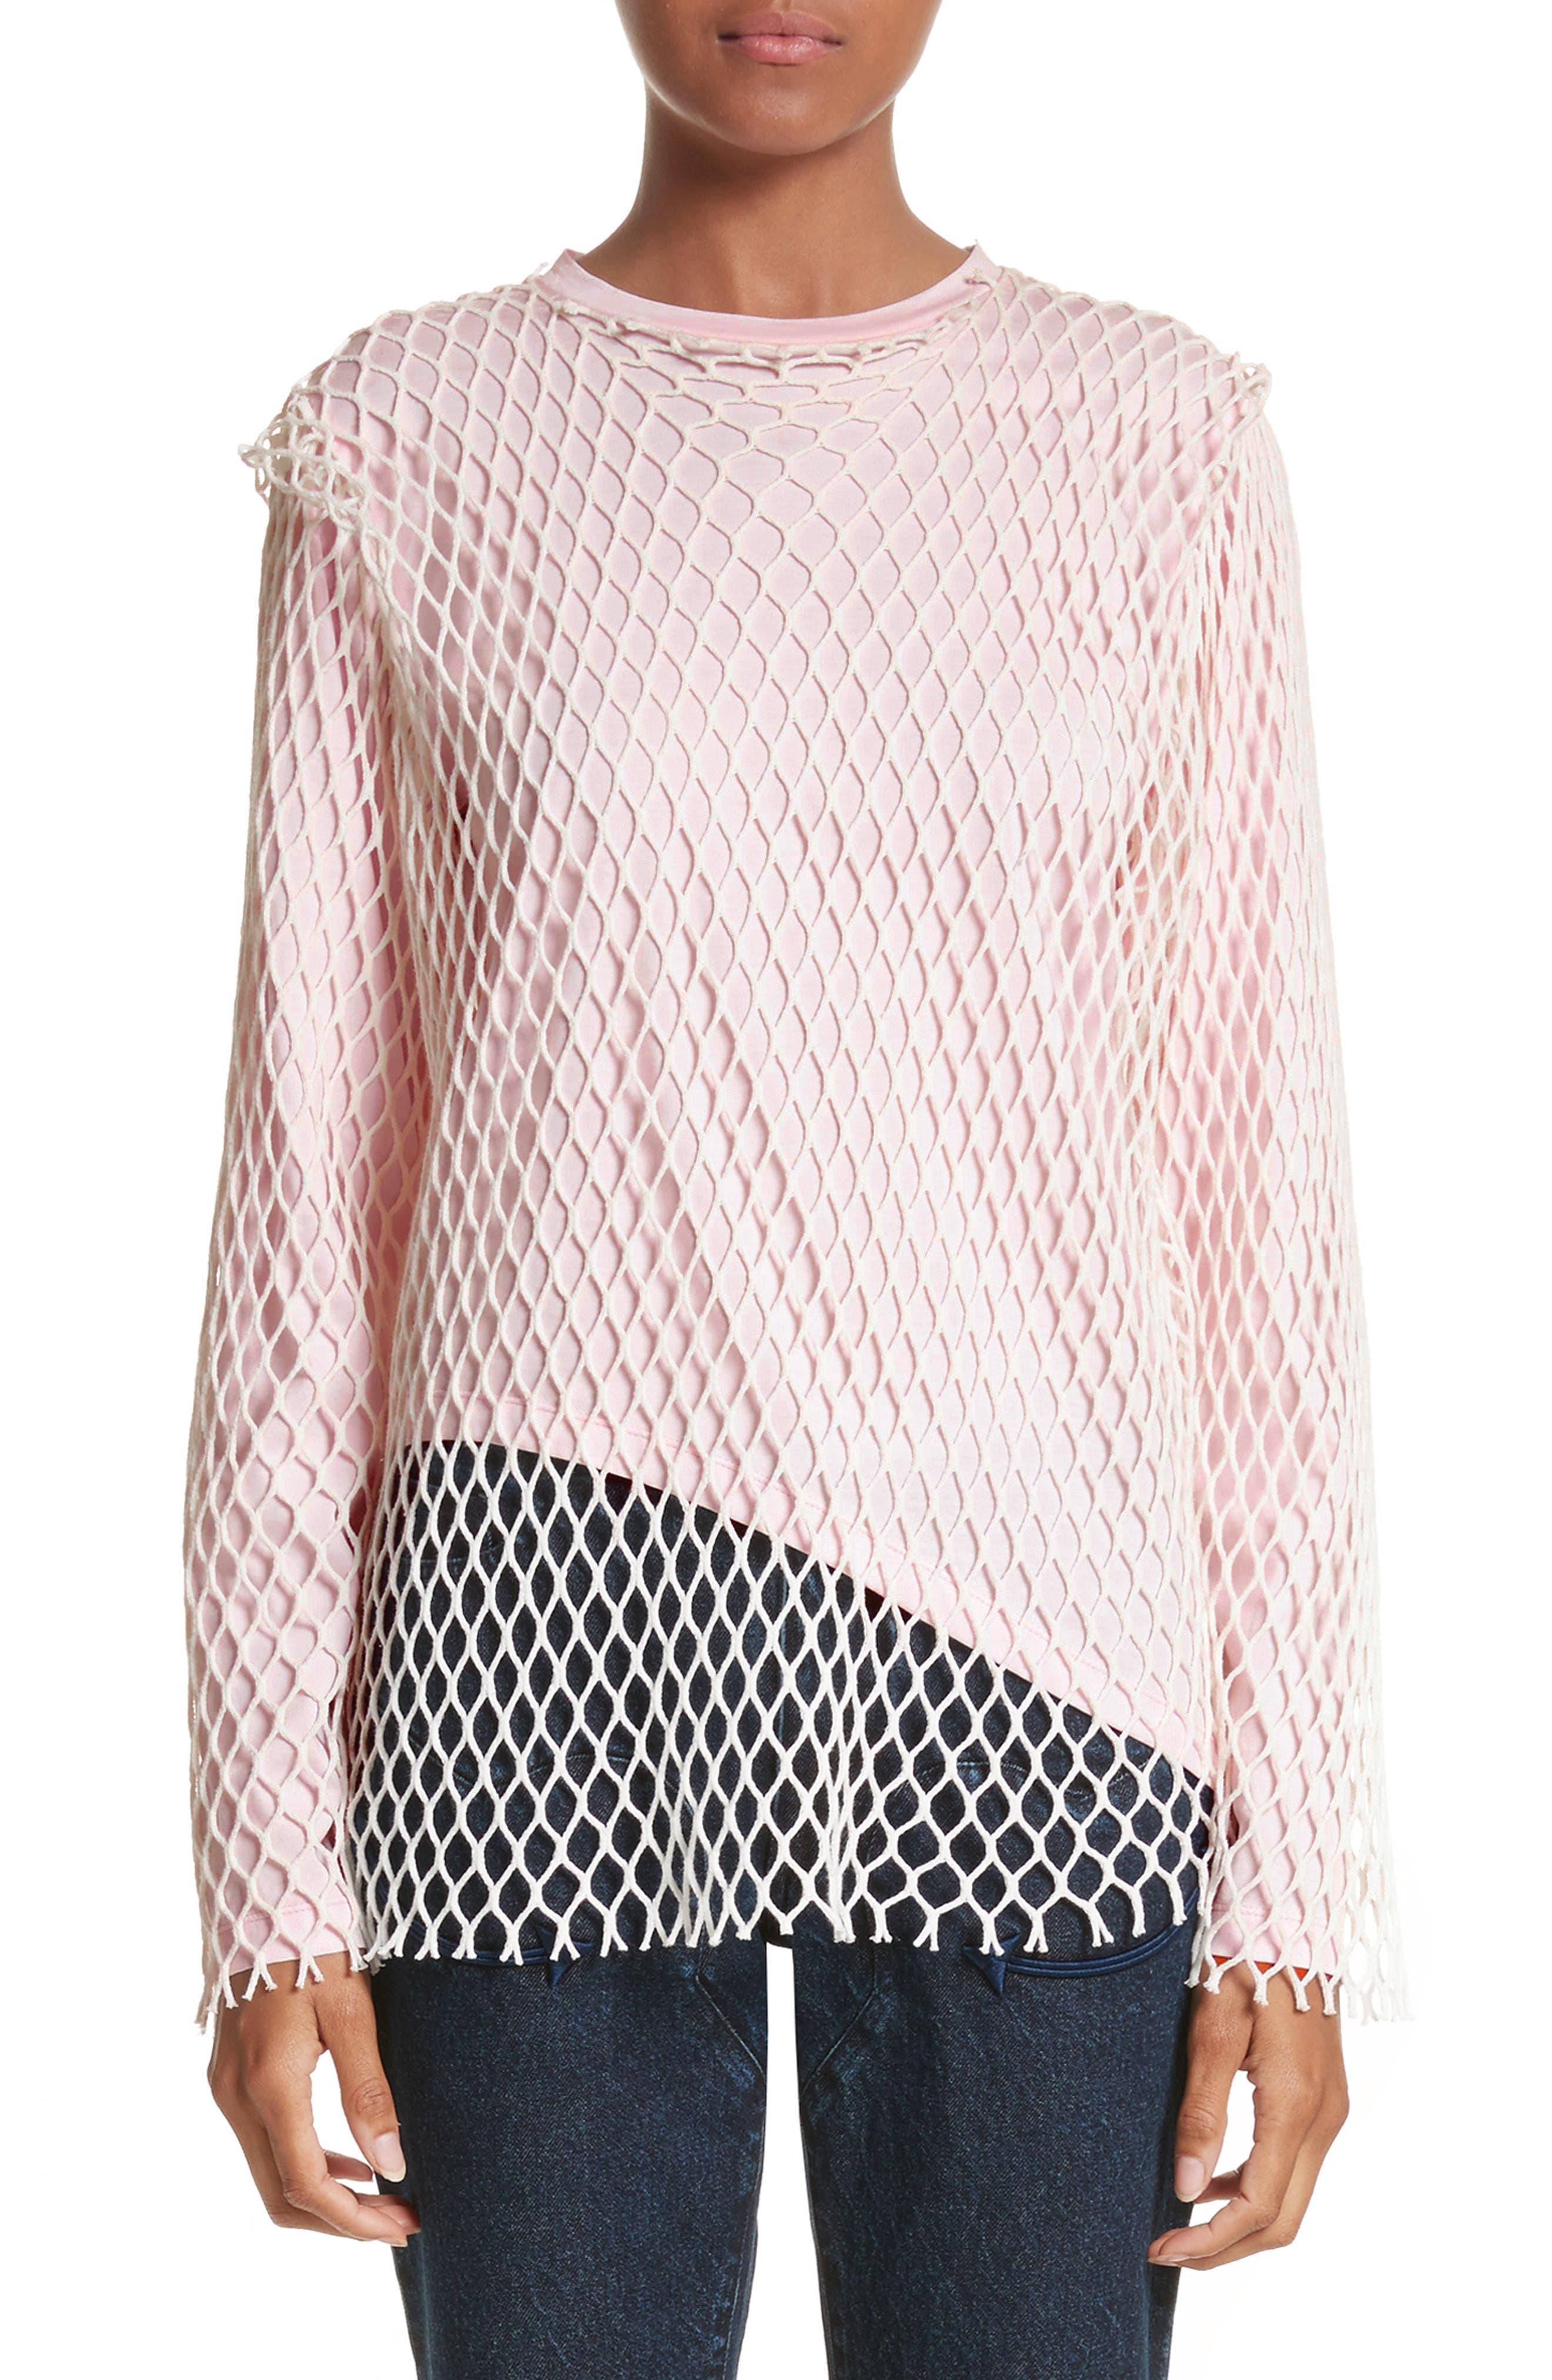 Marques'Almeida Net Jersey Top,                         Main,                         color, 650